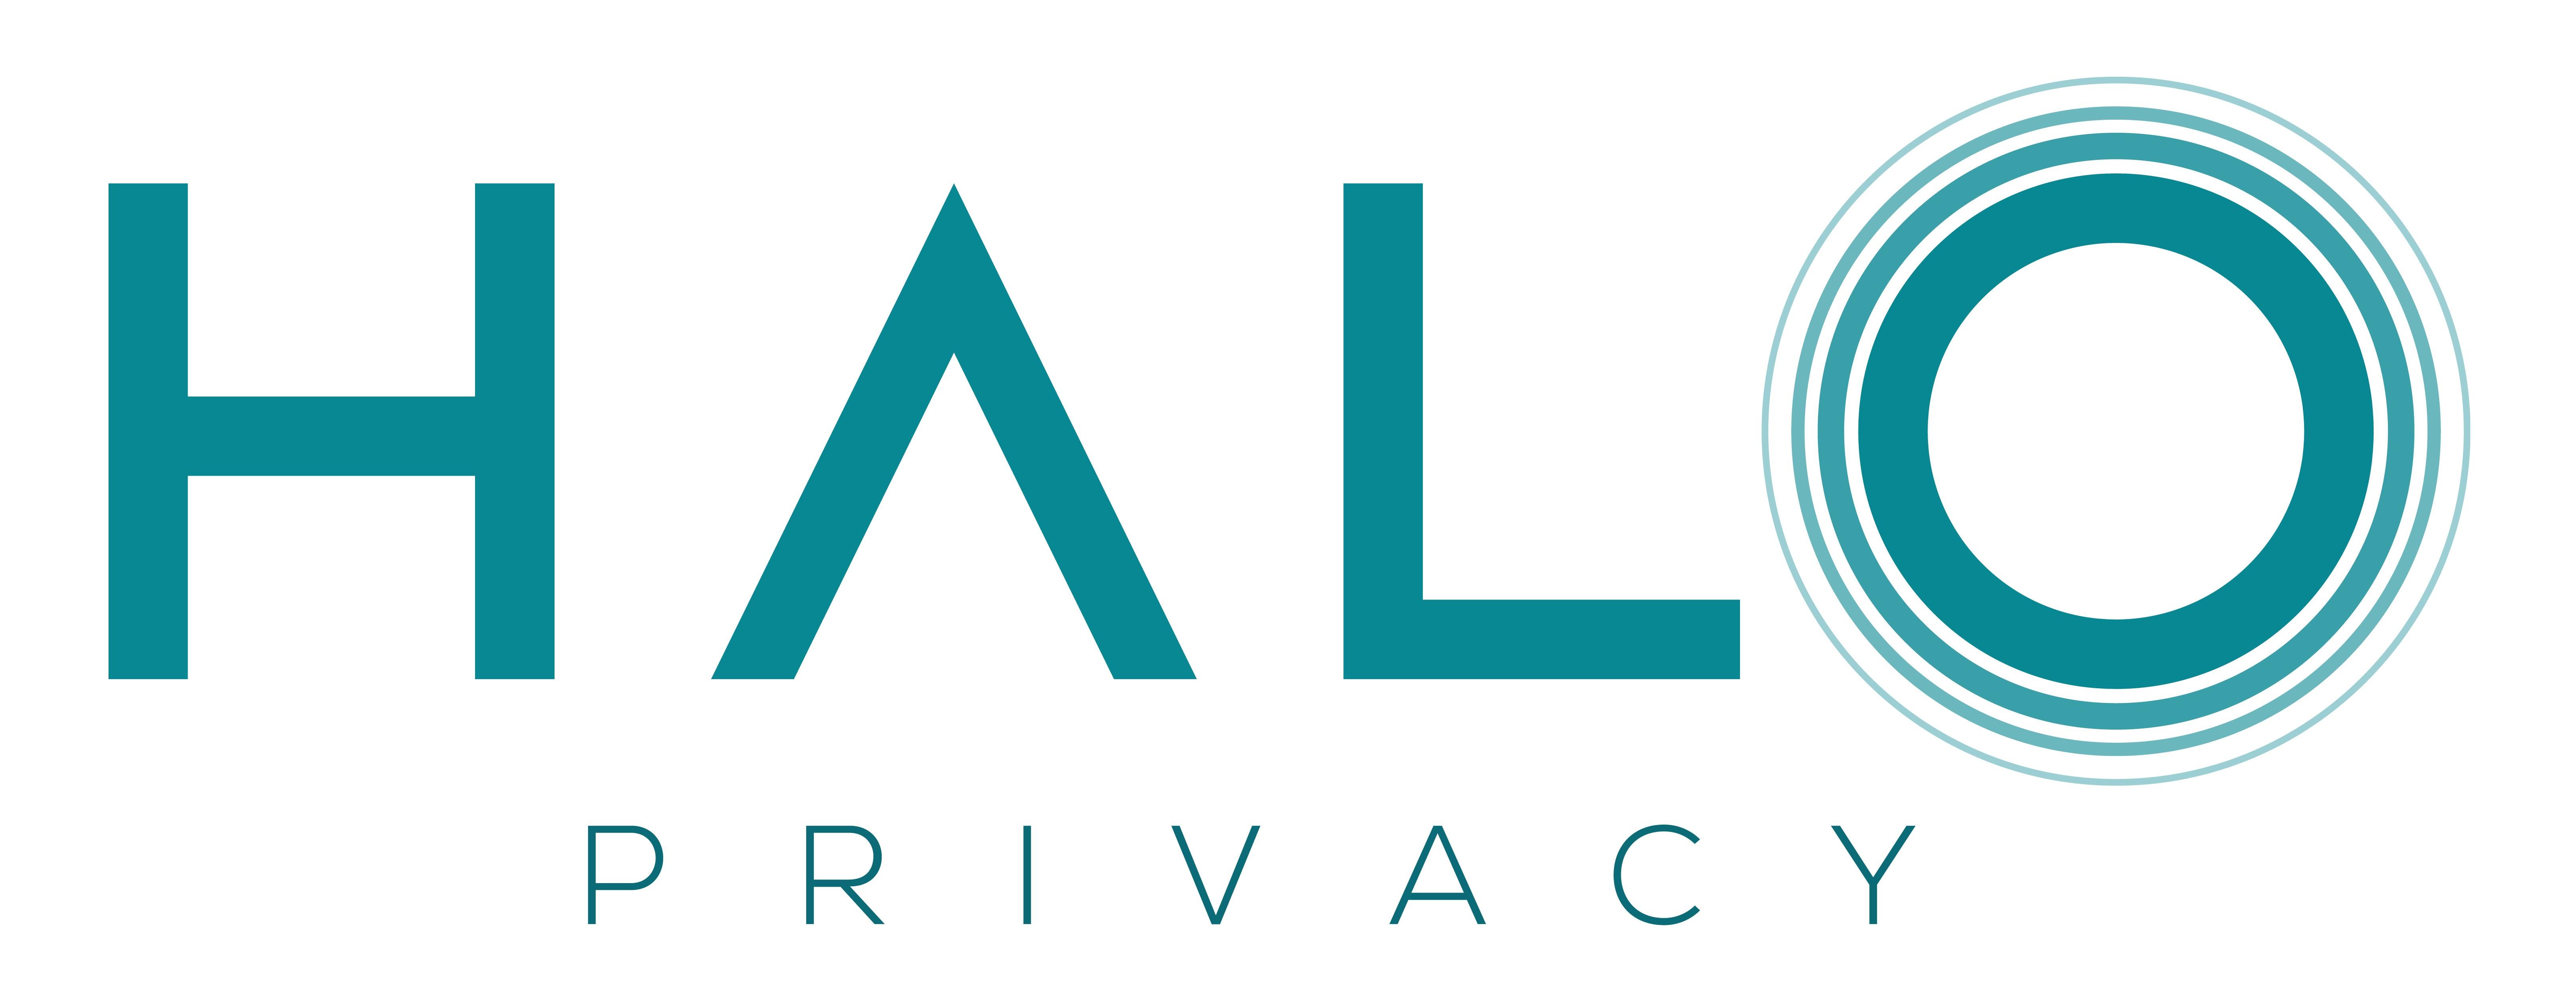 Halo Privacy company logo